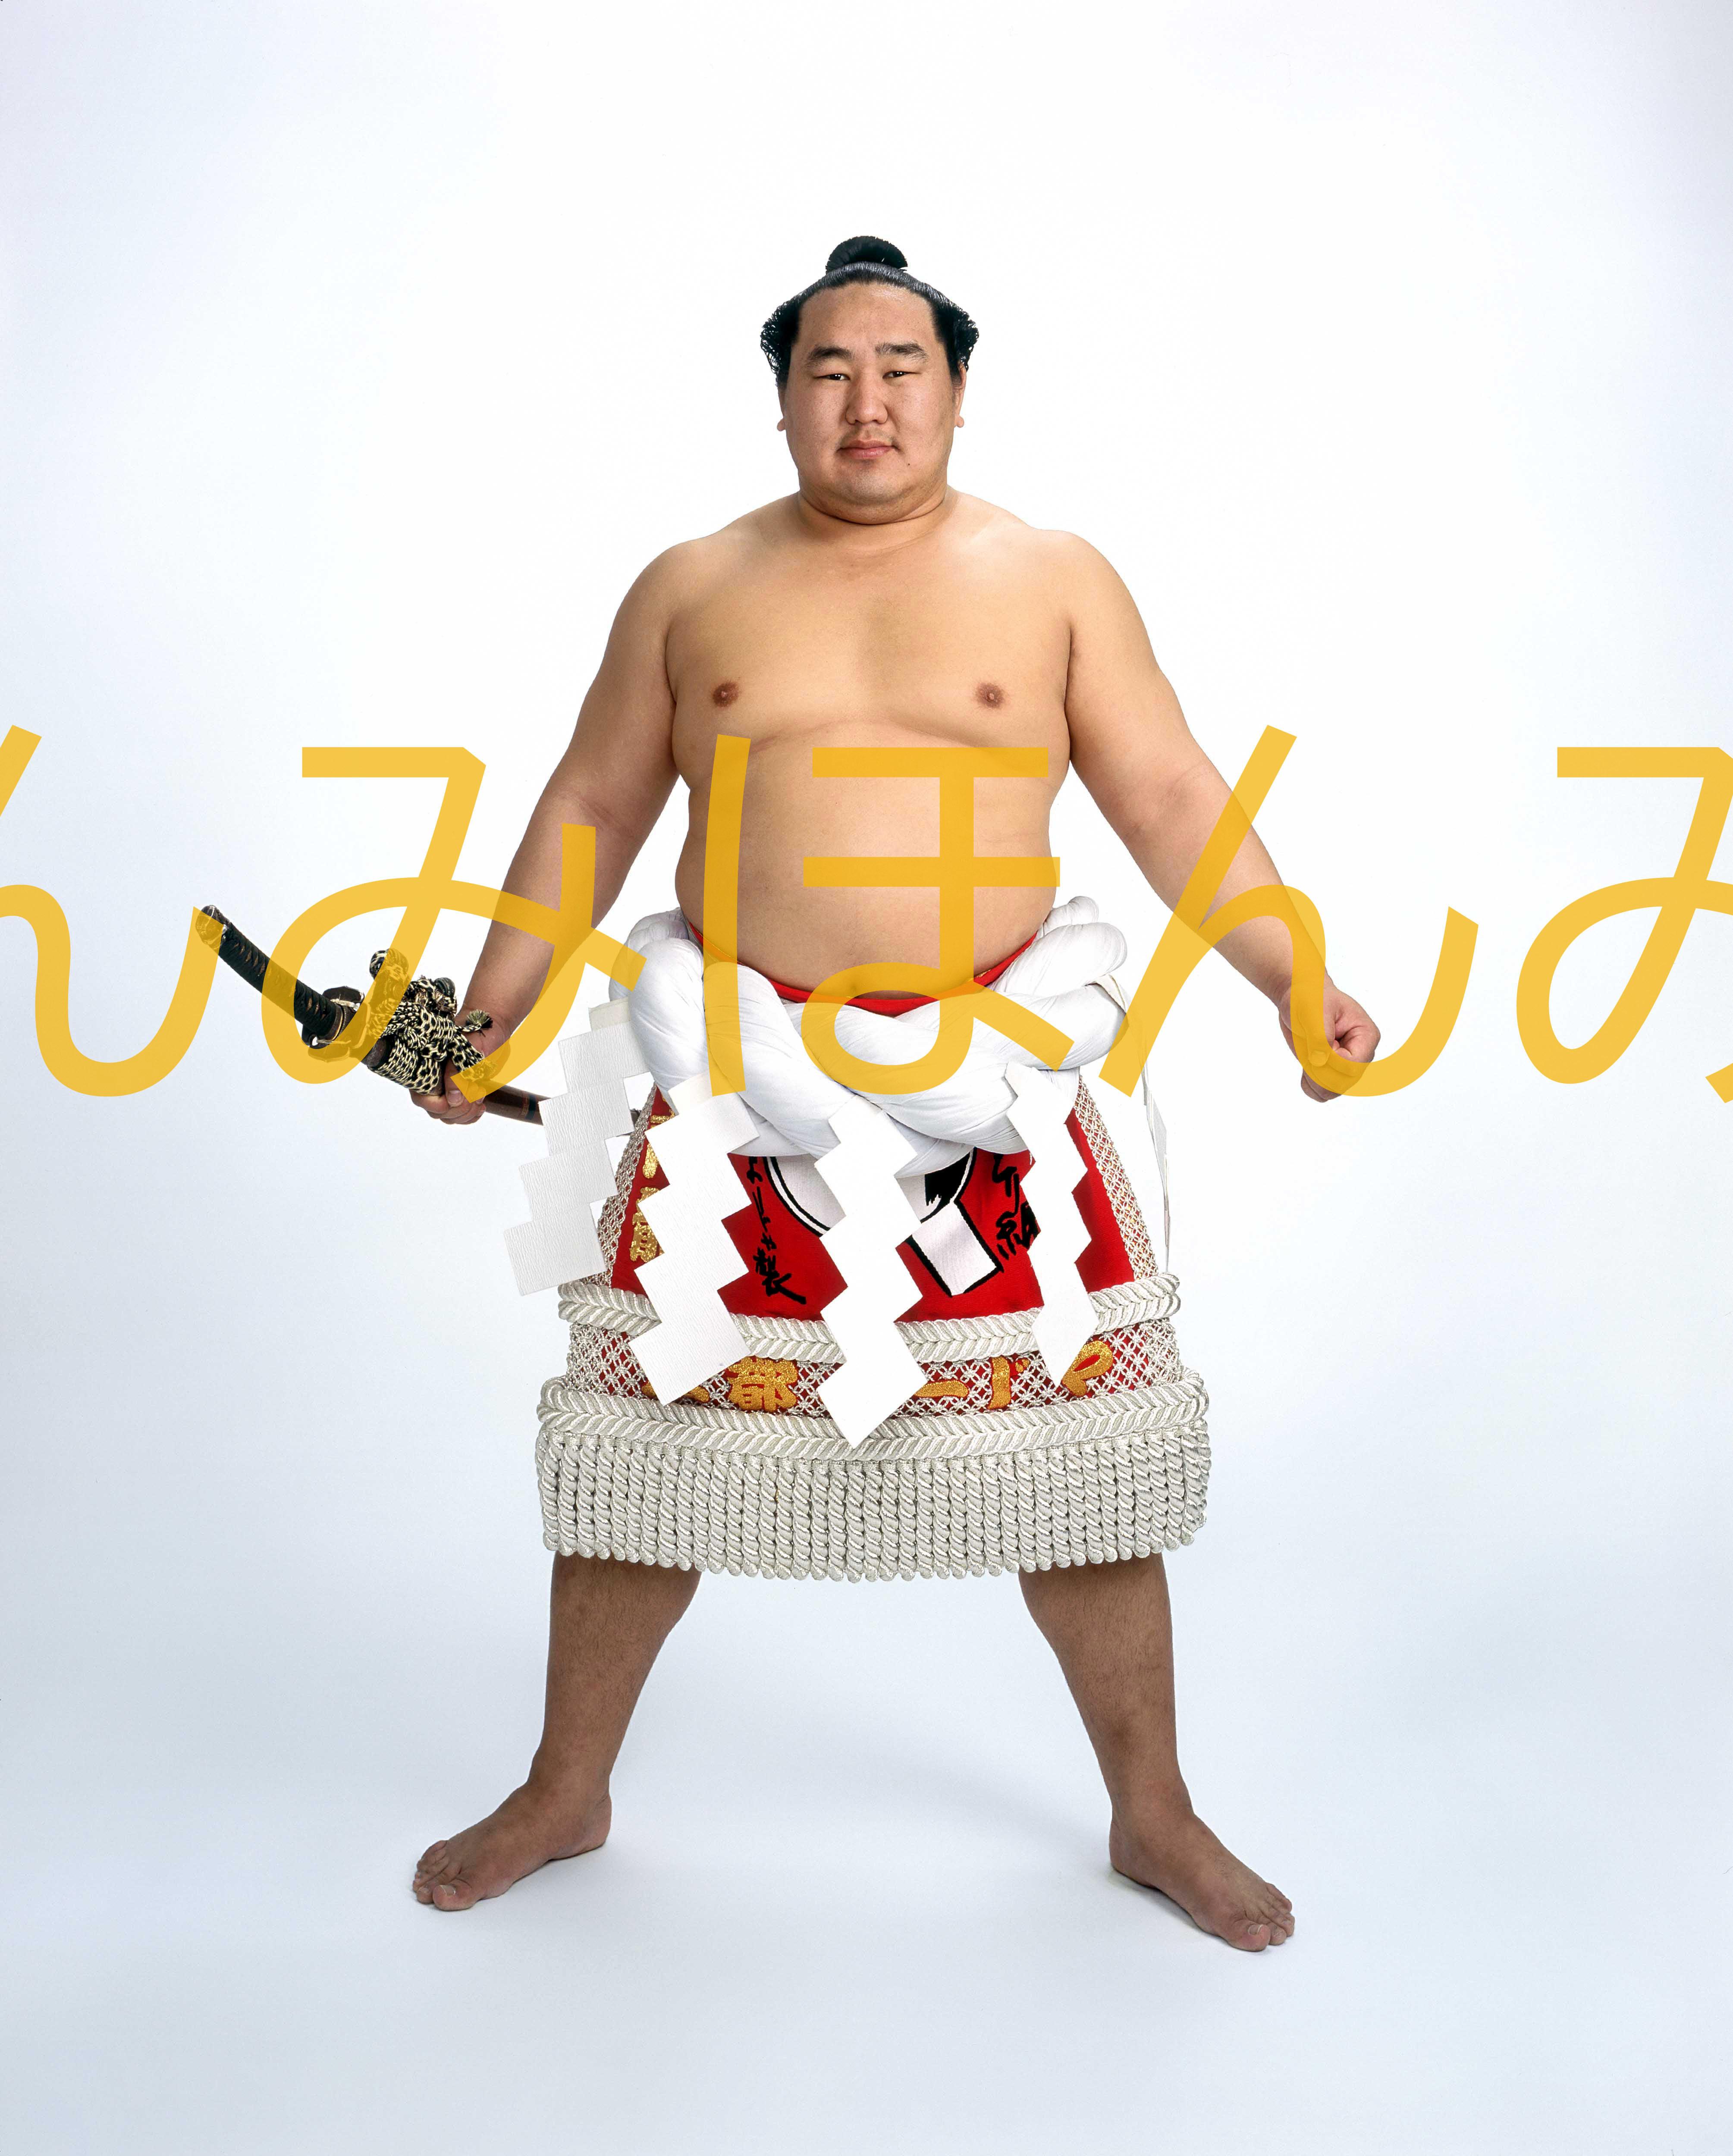 平成21年1月場所優勝 横綱 朝青龍明徳関(23回目の優勝)